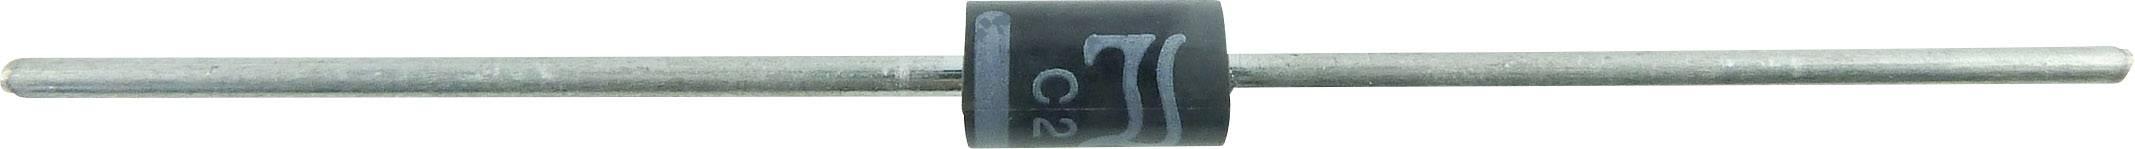 Schottkyho usmerňovacia dióda Diotec SB390, 3 A, 90 V